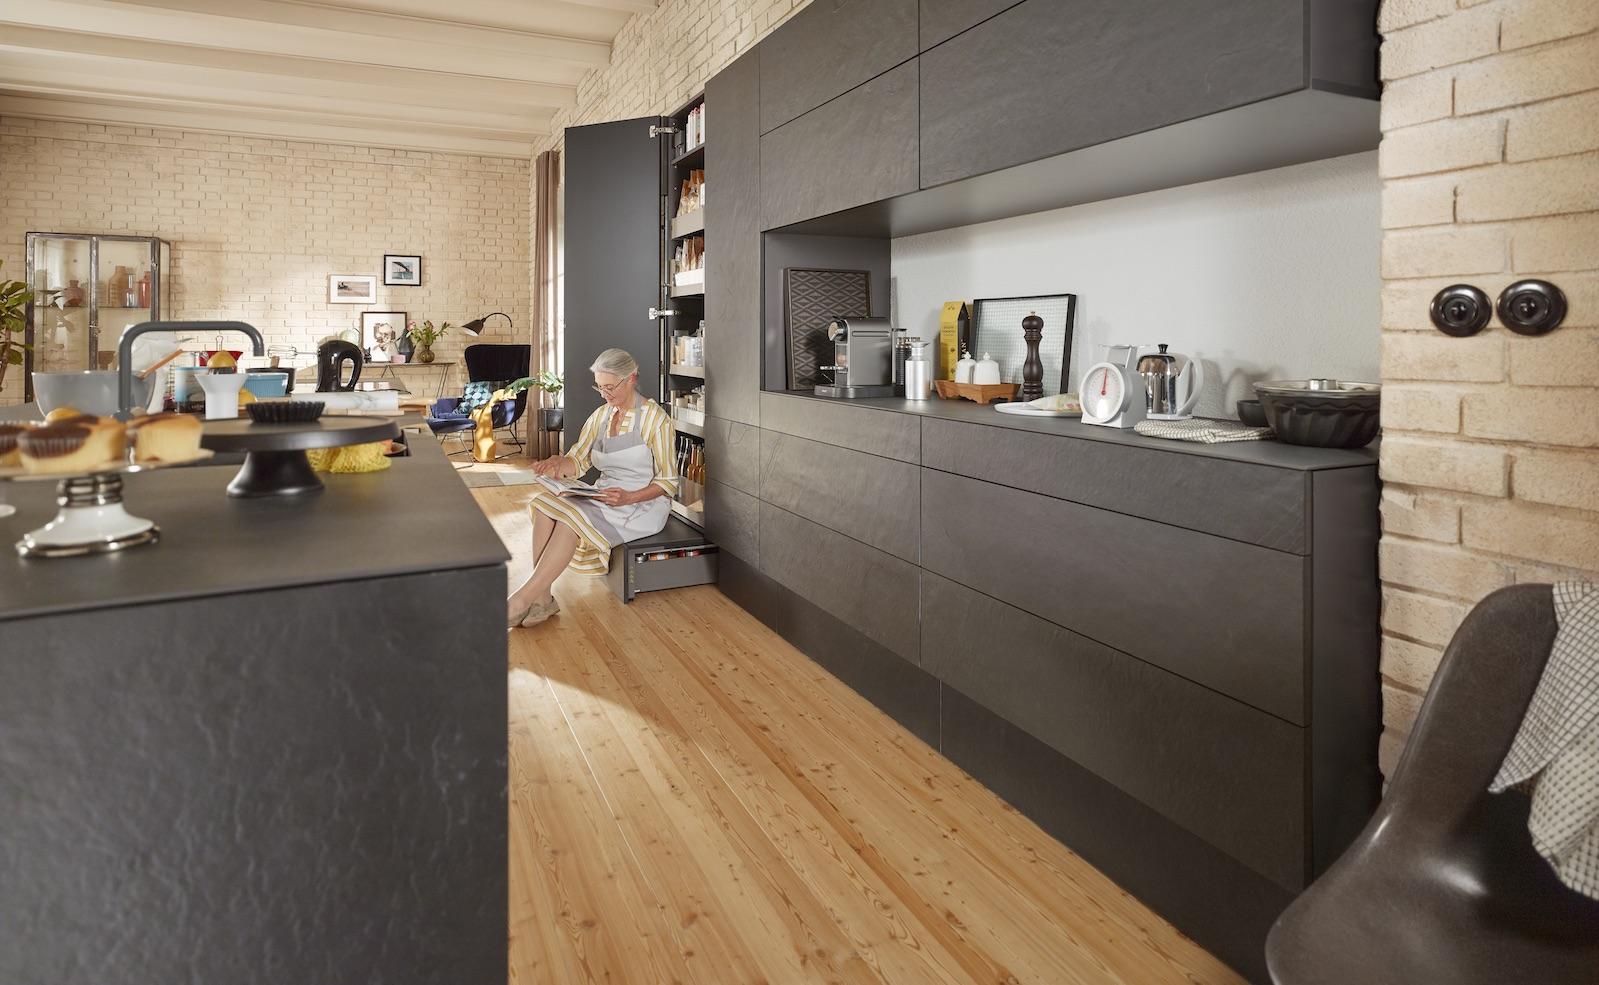 Küchen für mehrere Generationen: Ergonomische Küchen bringen viel Komfort für Alt und Jung